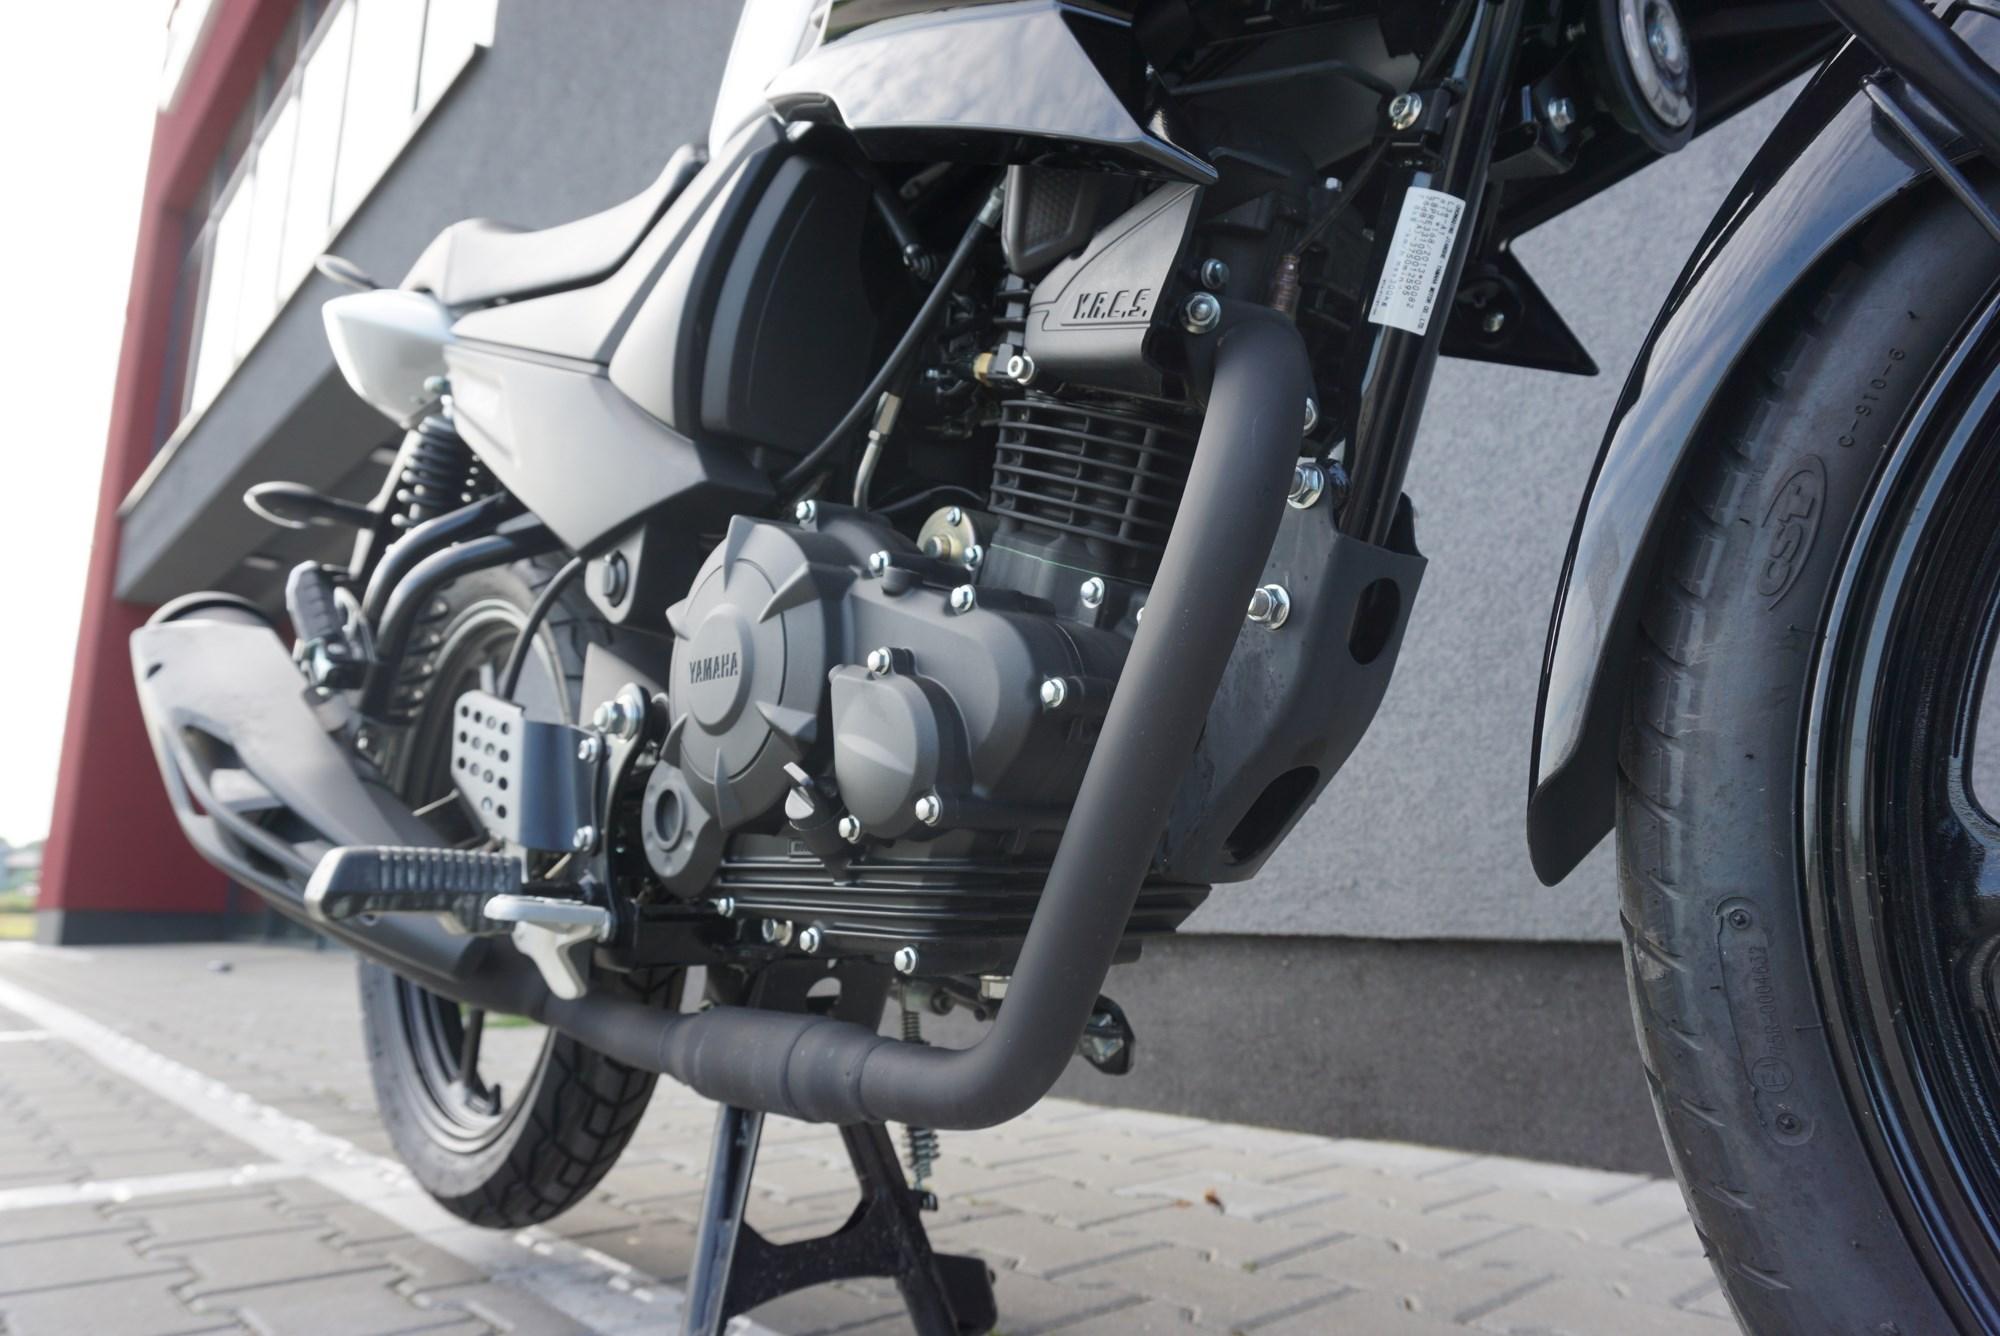 Yamaha YS 125 2020